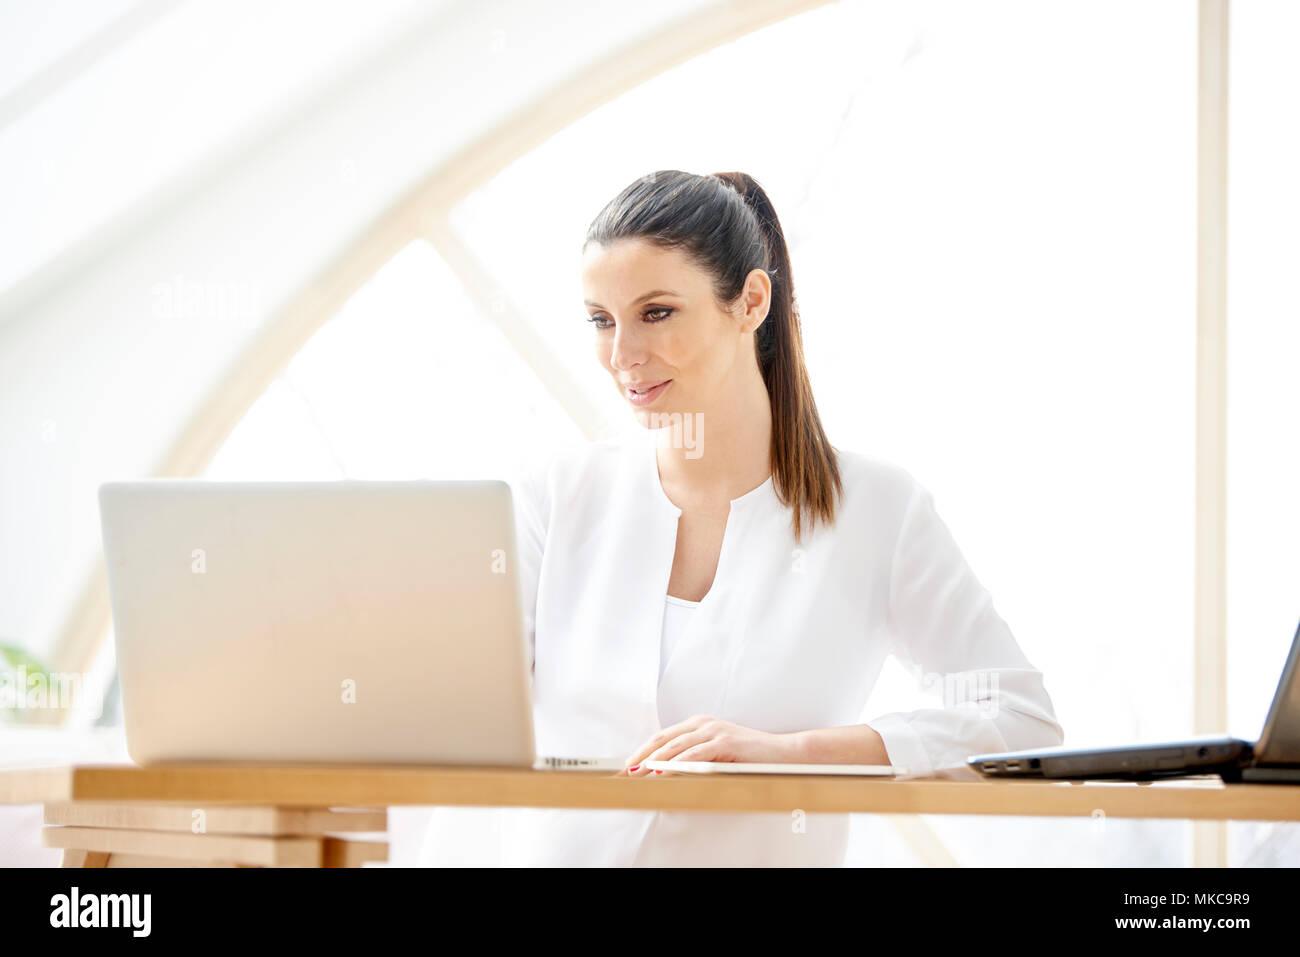 Retrato del joven ayudante de ventas atractiva empresaria utilizando un portátil en la oficina. Imagen De Stock